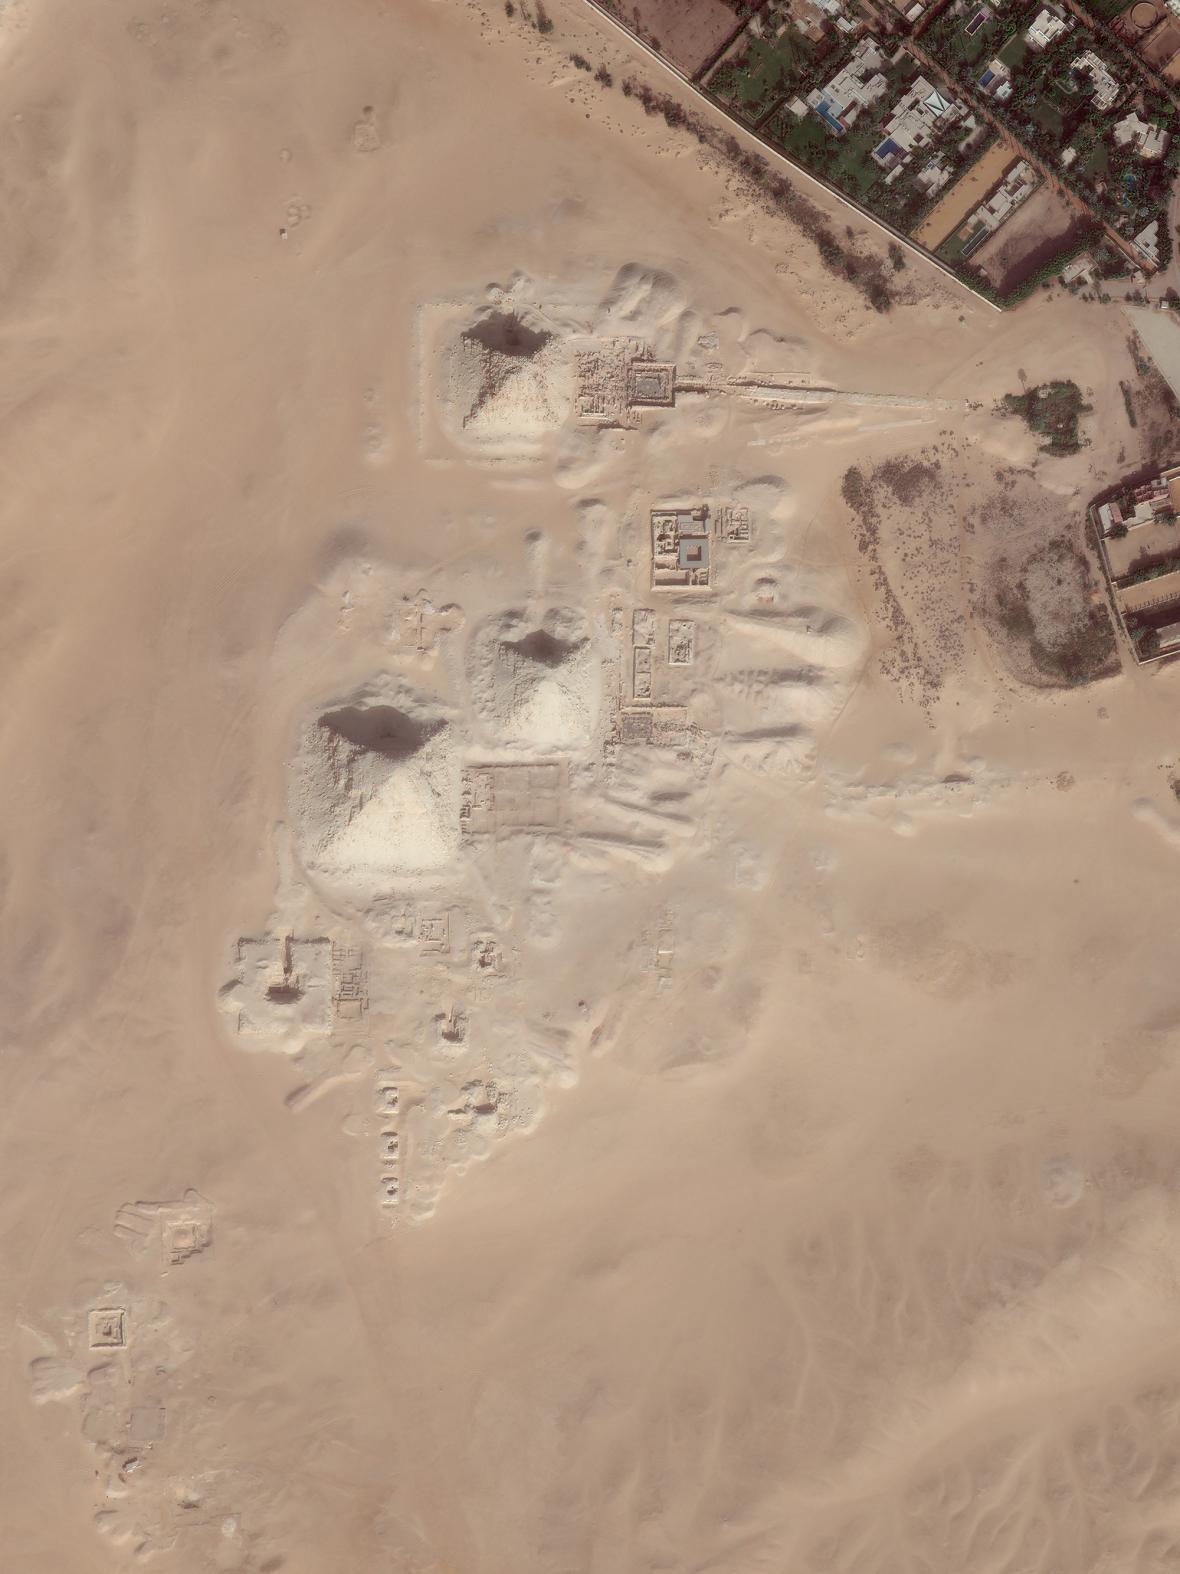 Pohled na pyramidové pole v Abúsíru, kde se pod pískem rýsuje množství dosud neodkrytých struktur